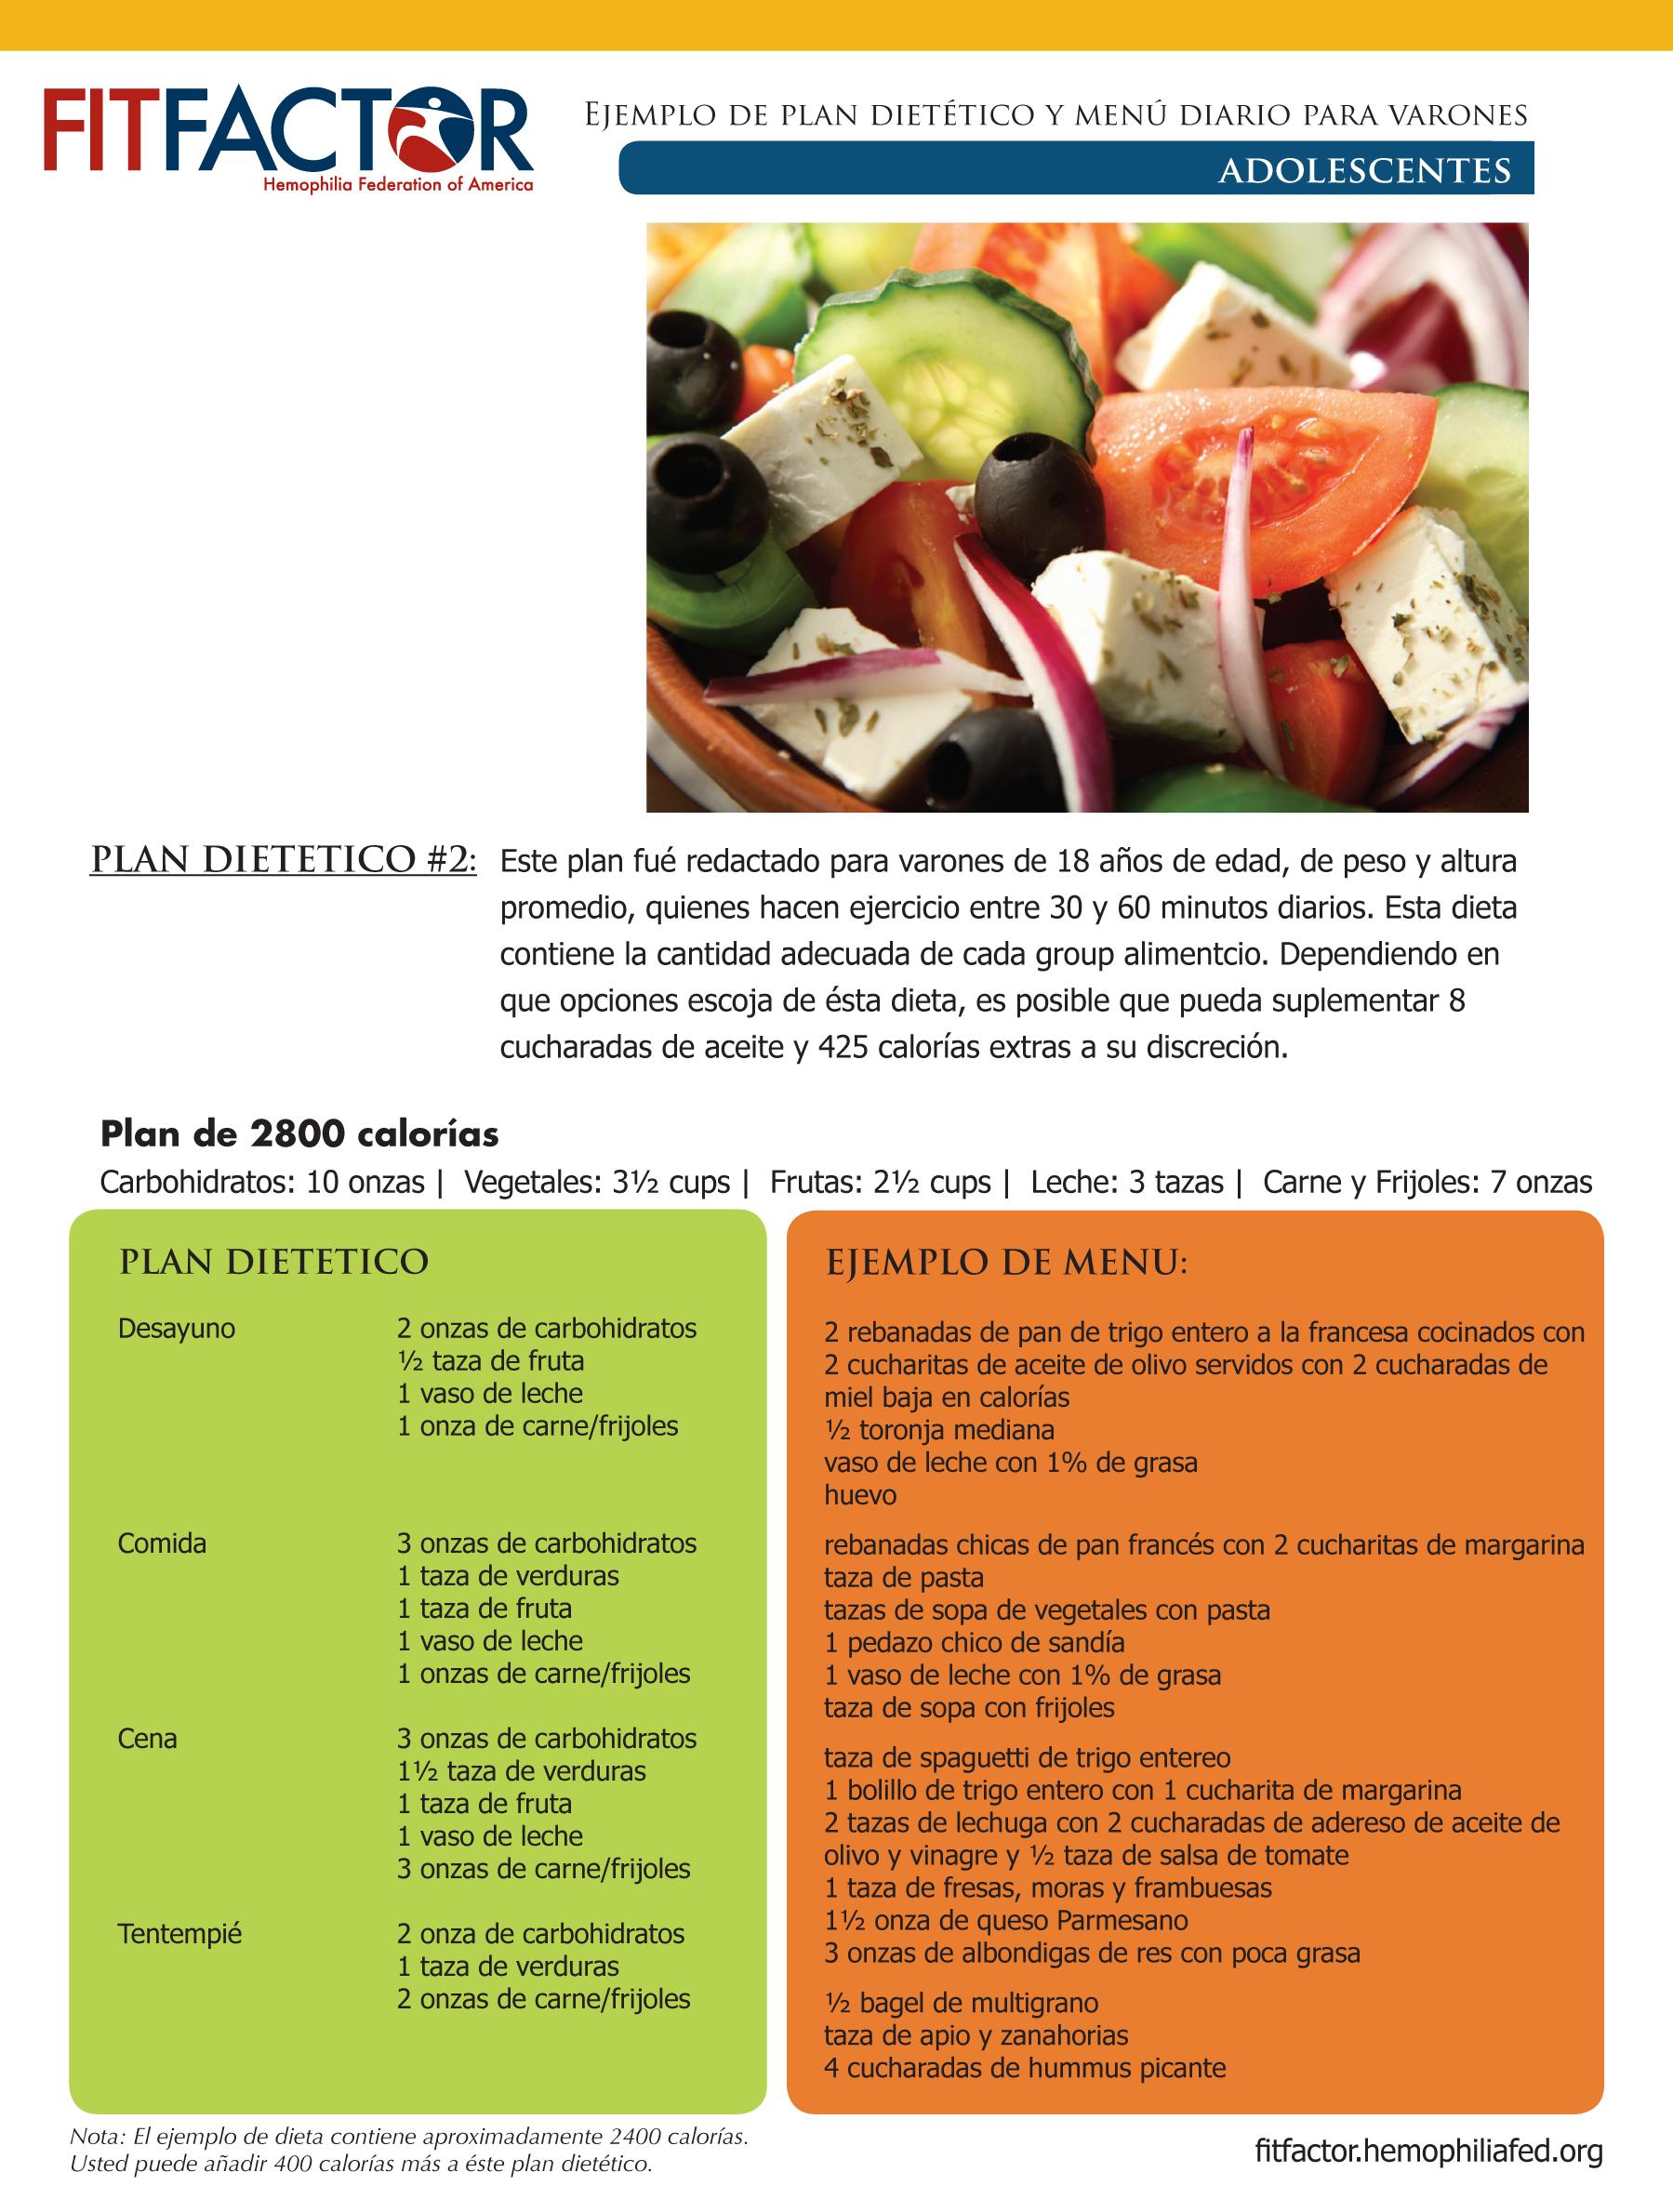 ejemplo de plan dietético y menú diario para varones - hemophilia